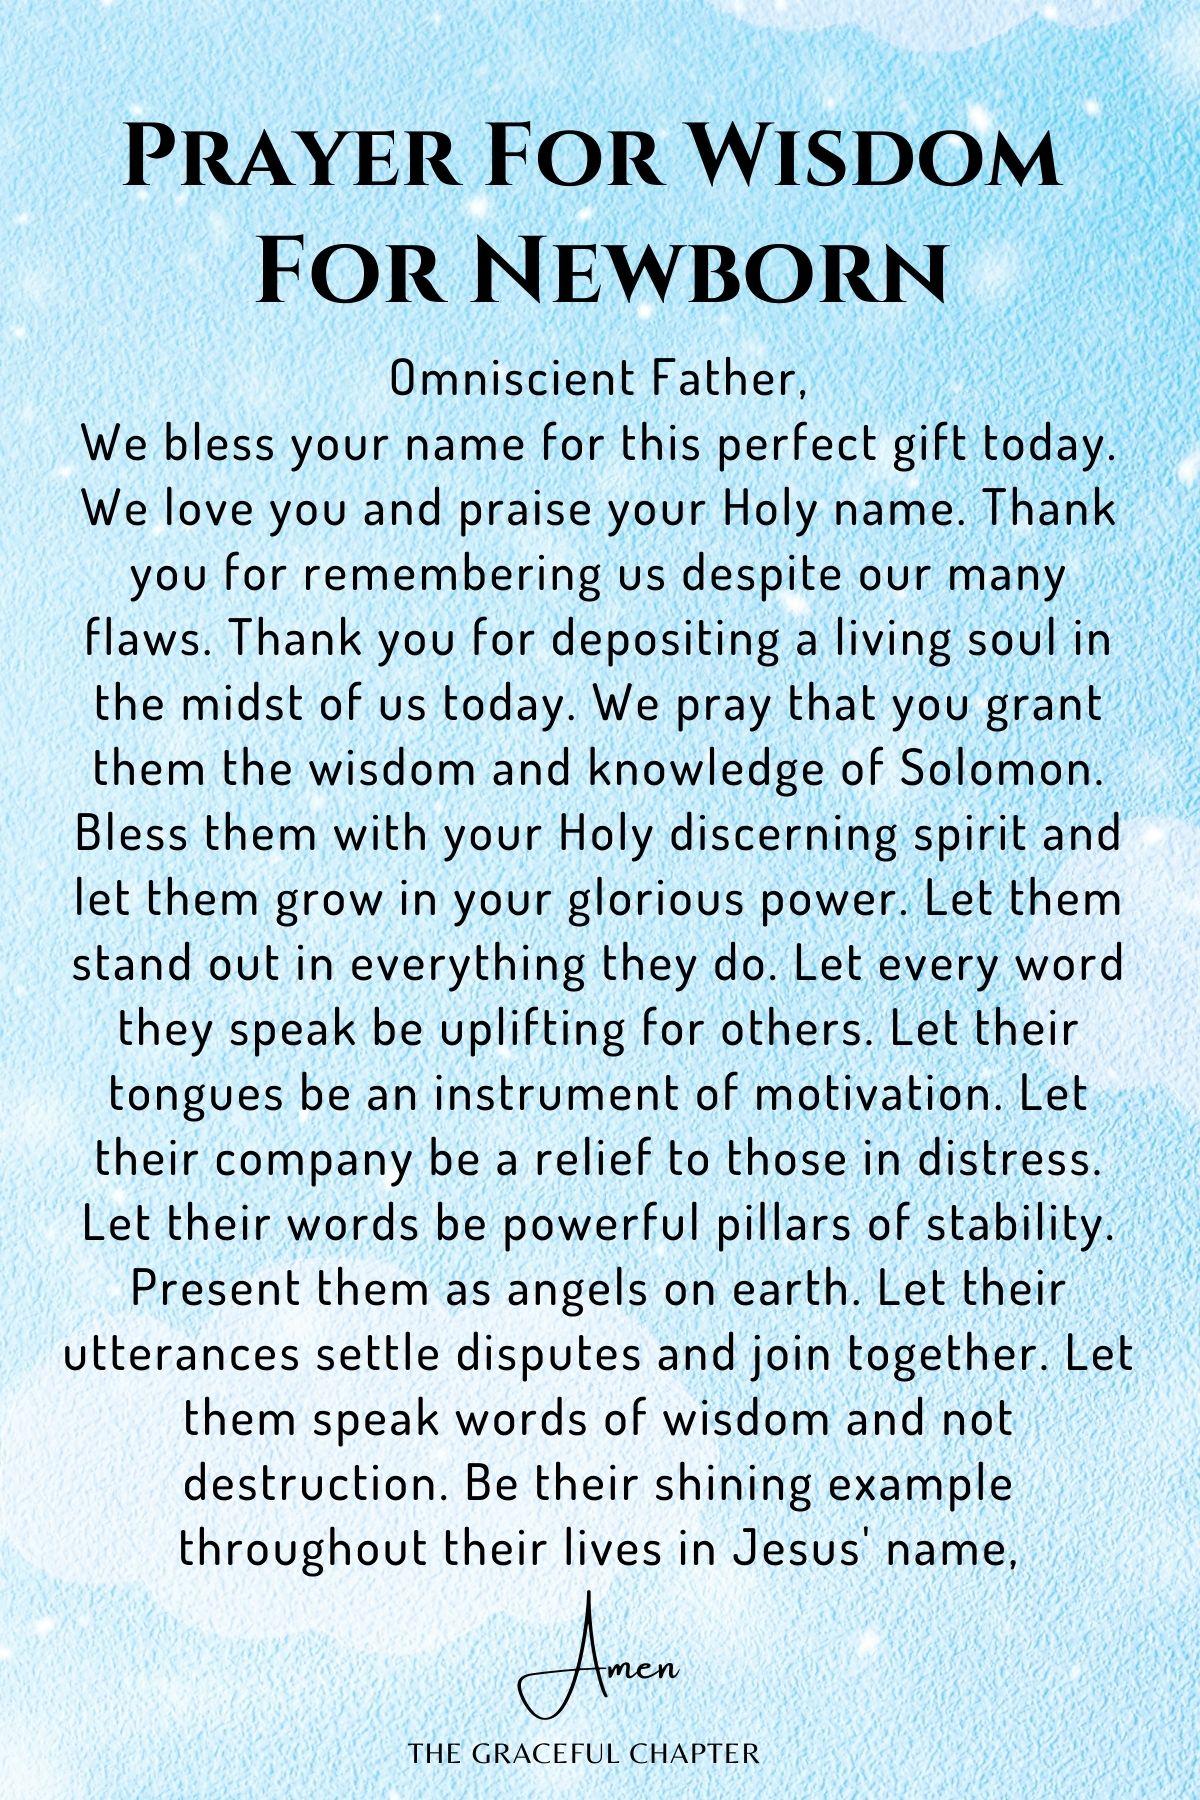 Prayer for Wisdom for Newborn